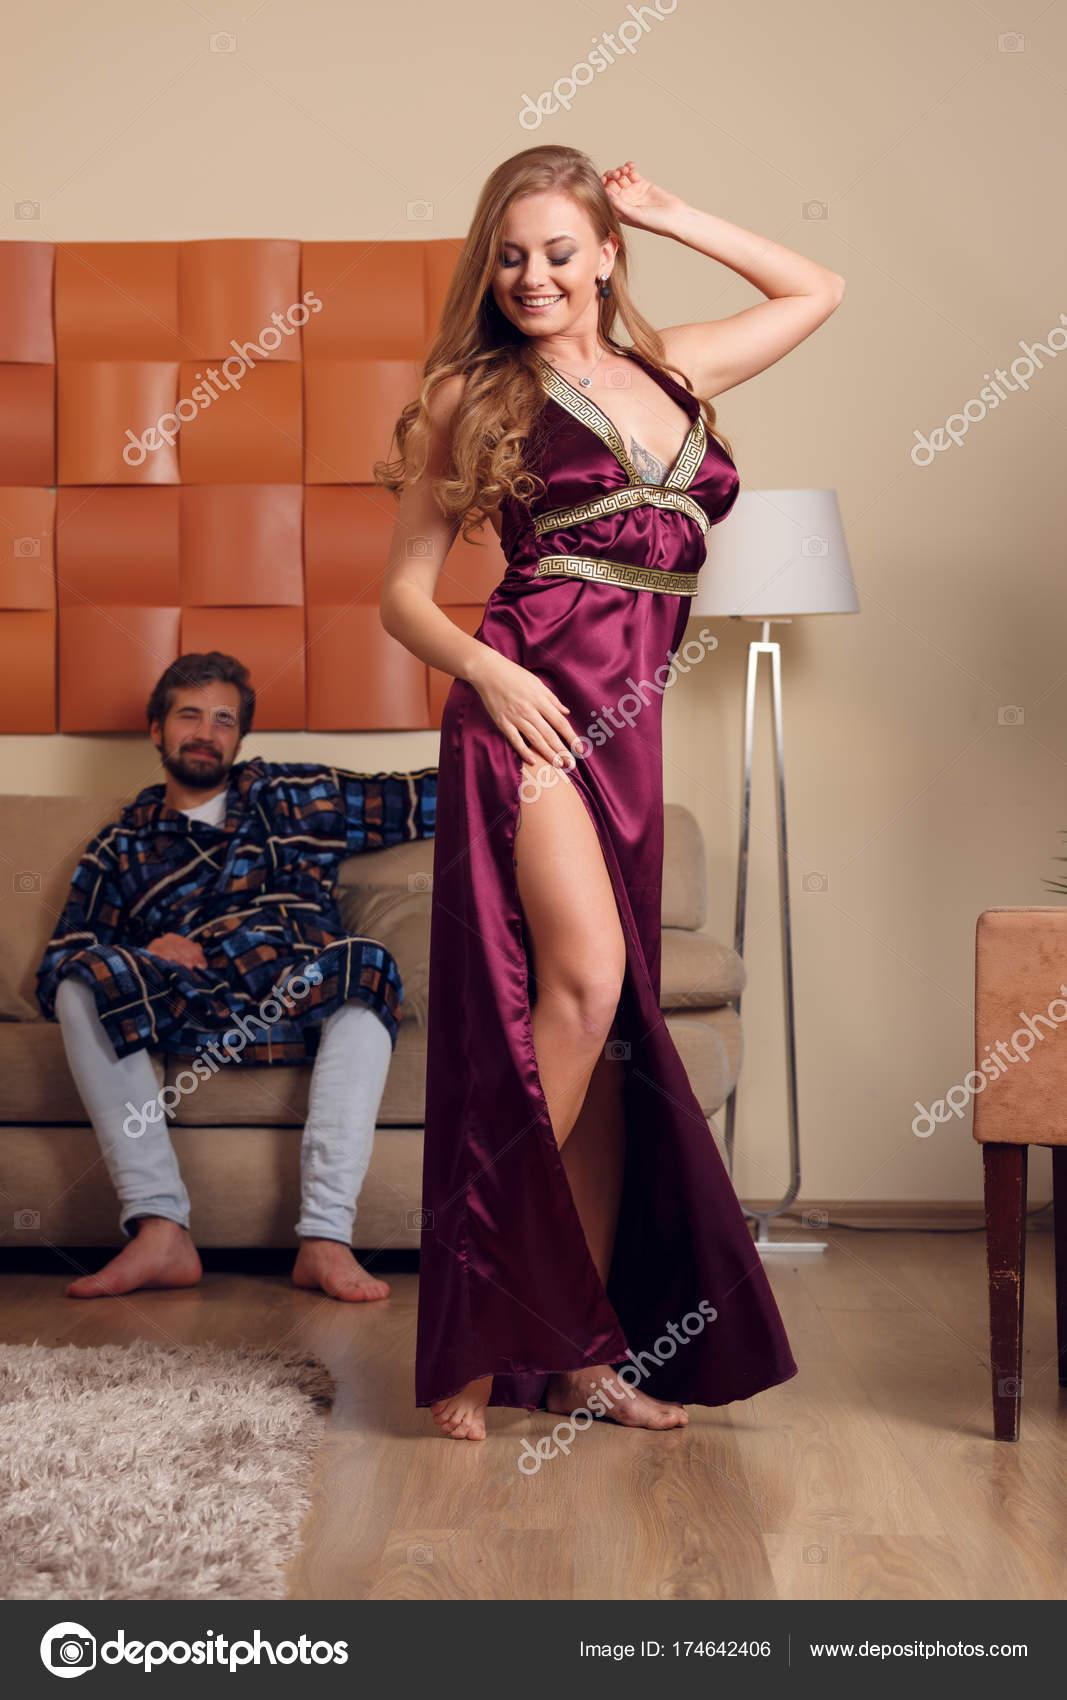 roskoshnaya-blondinka-v-neglizhe-porno-brizgi-iz-kisok